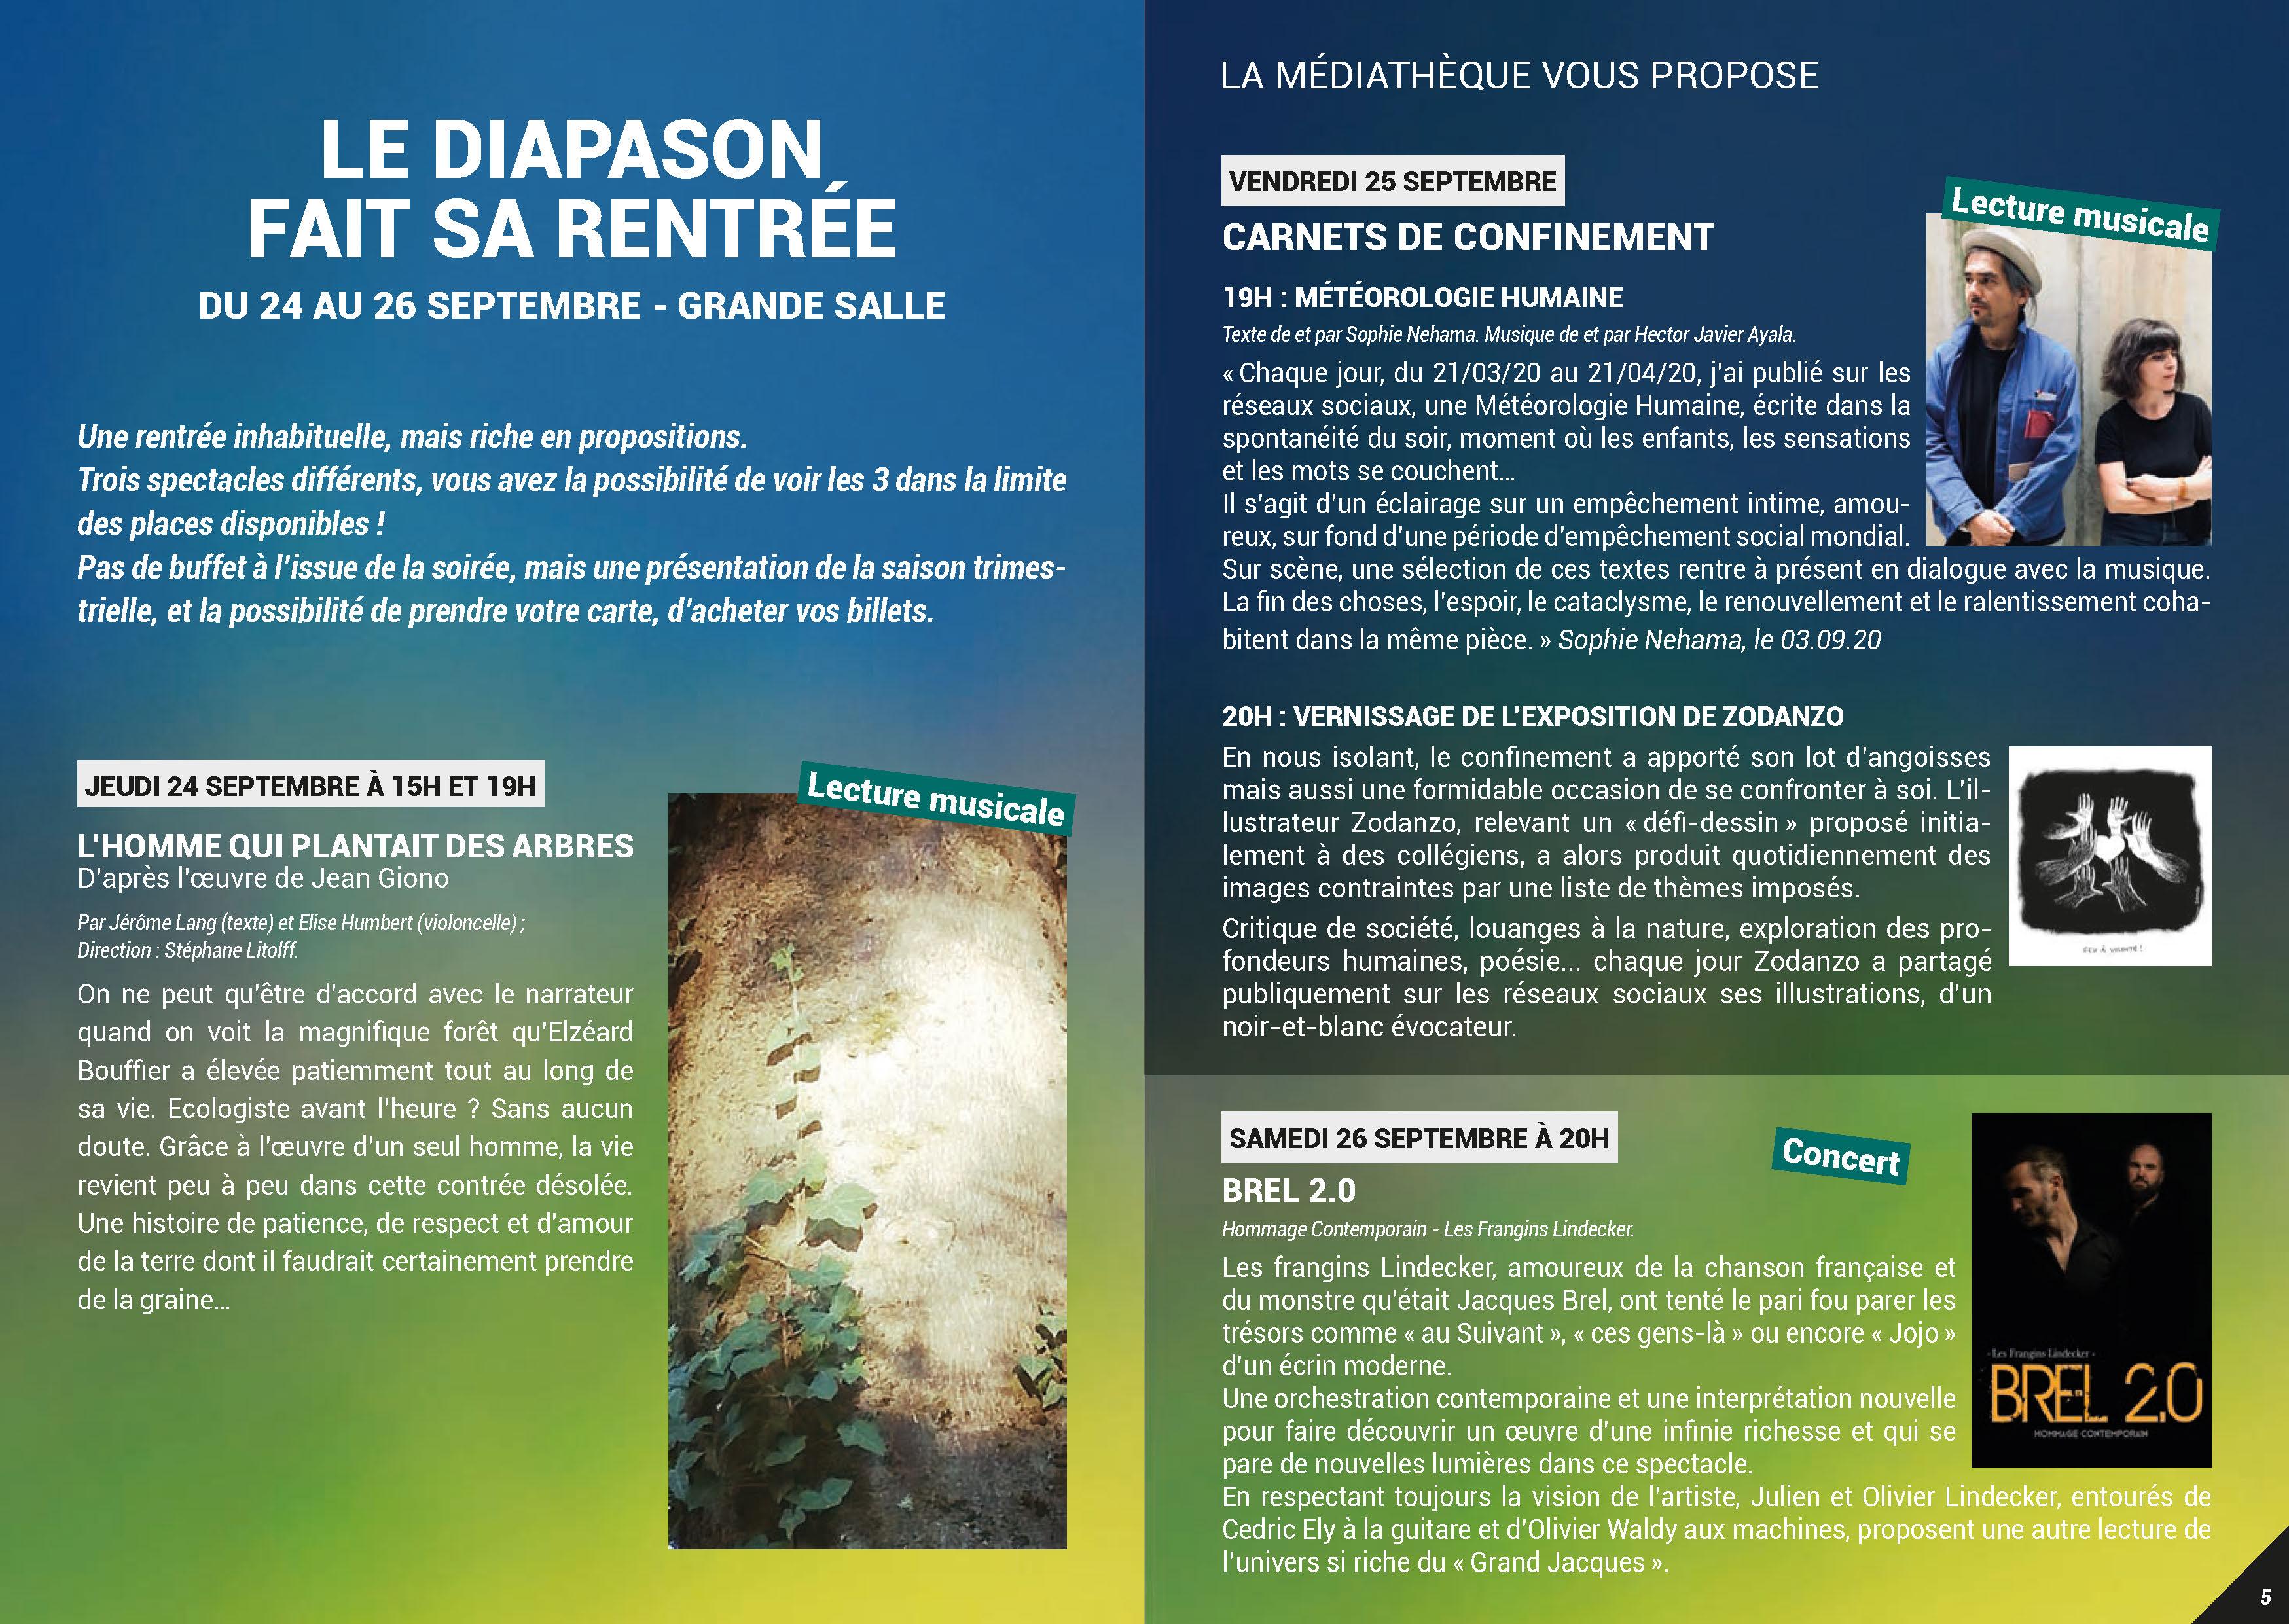 LES DIAPASONS DAUTOMNE_2020_Page_05